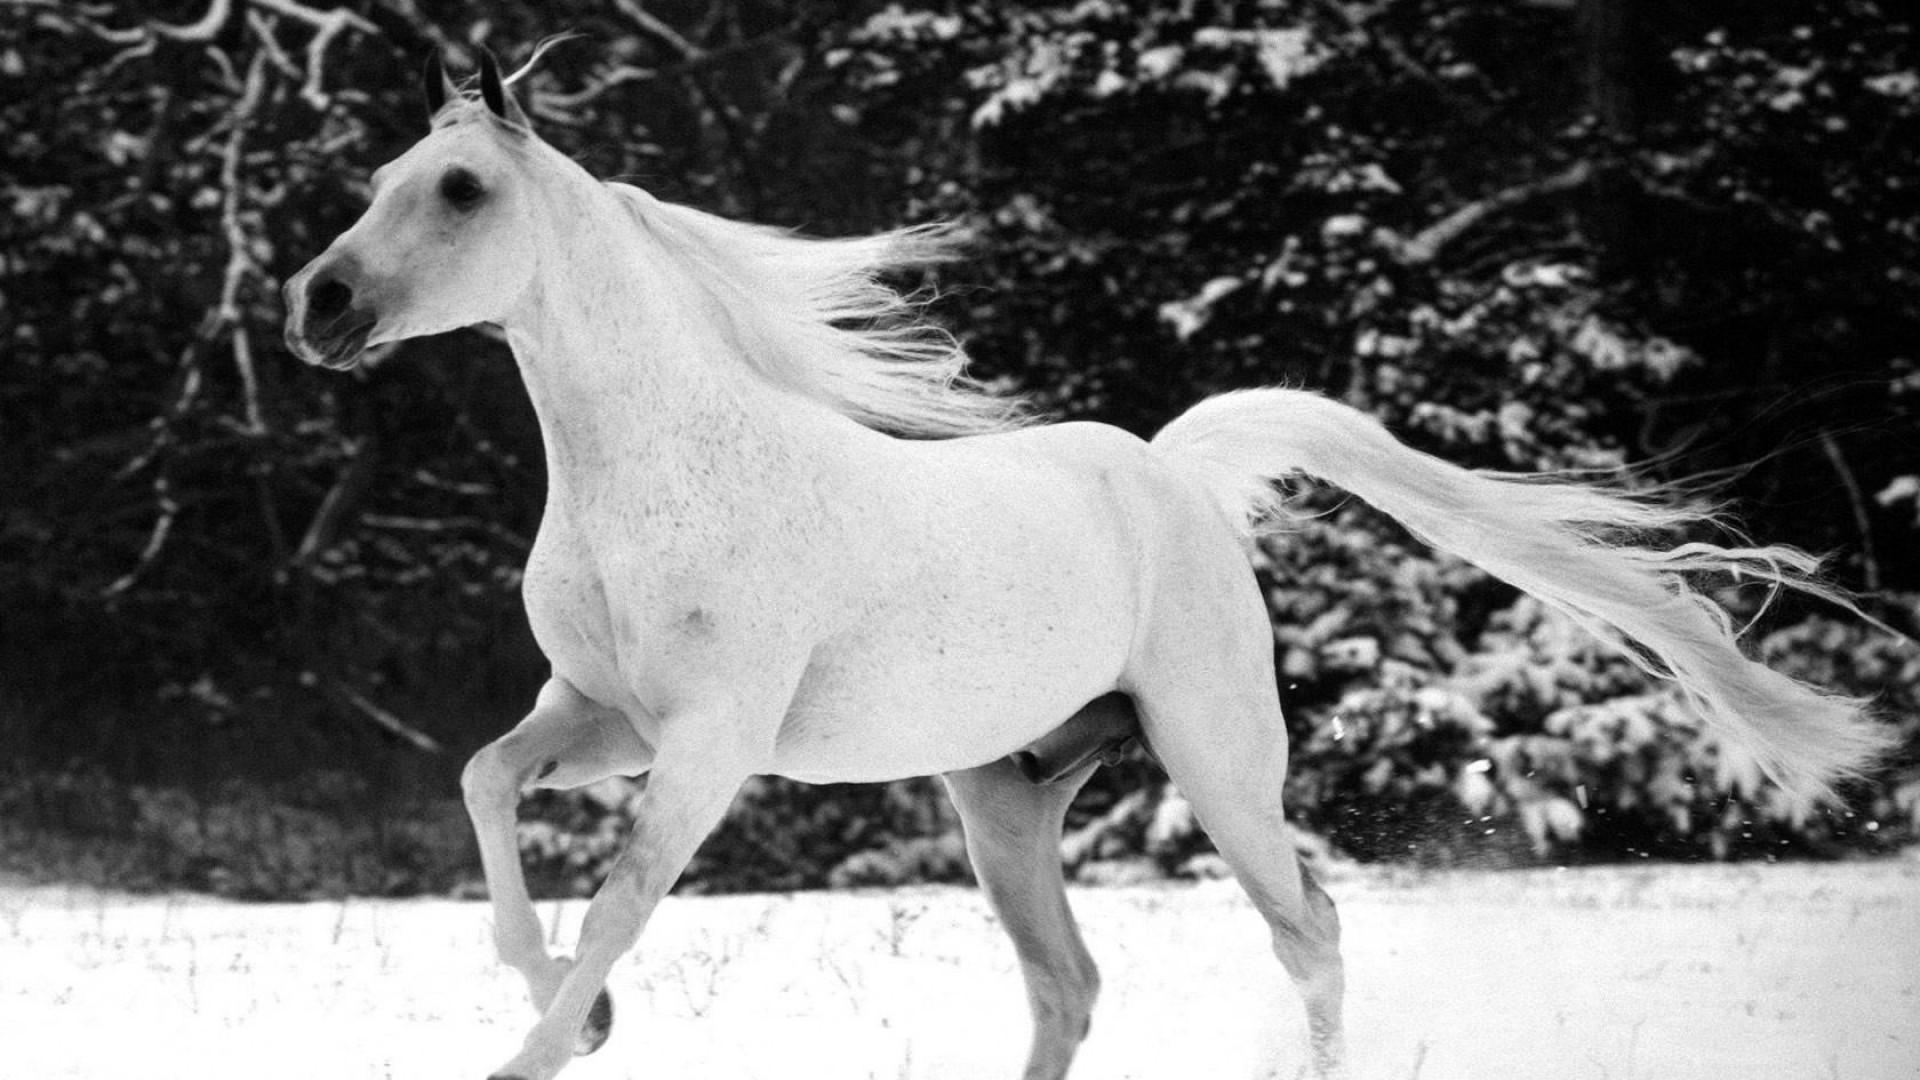 White Horse Full HD Wallpaper 1920×1080